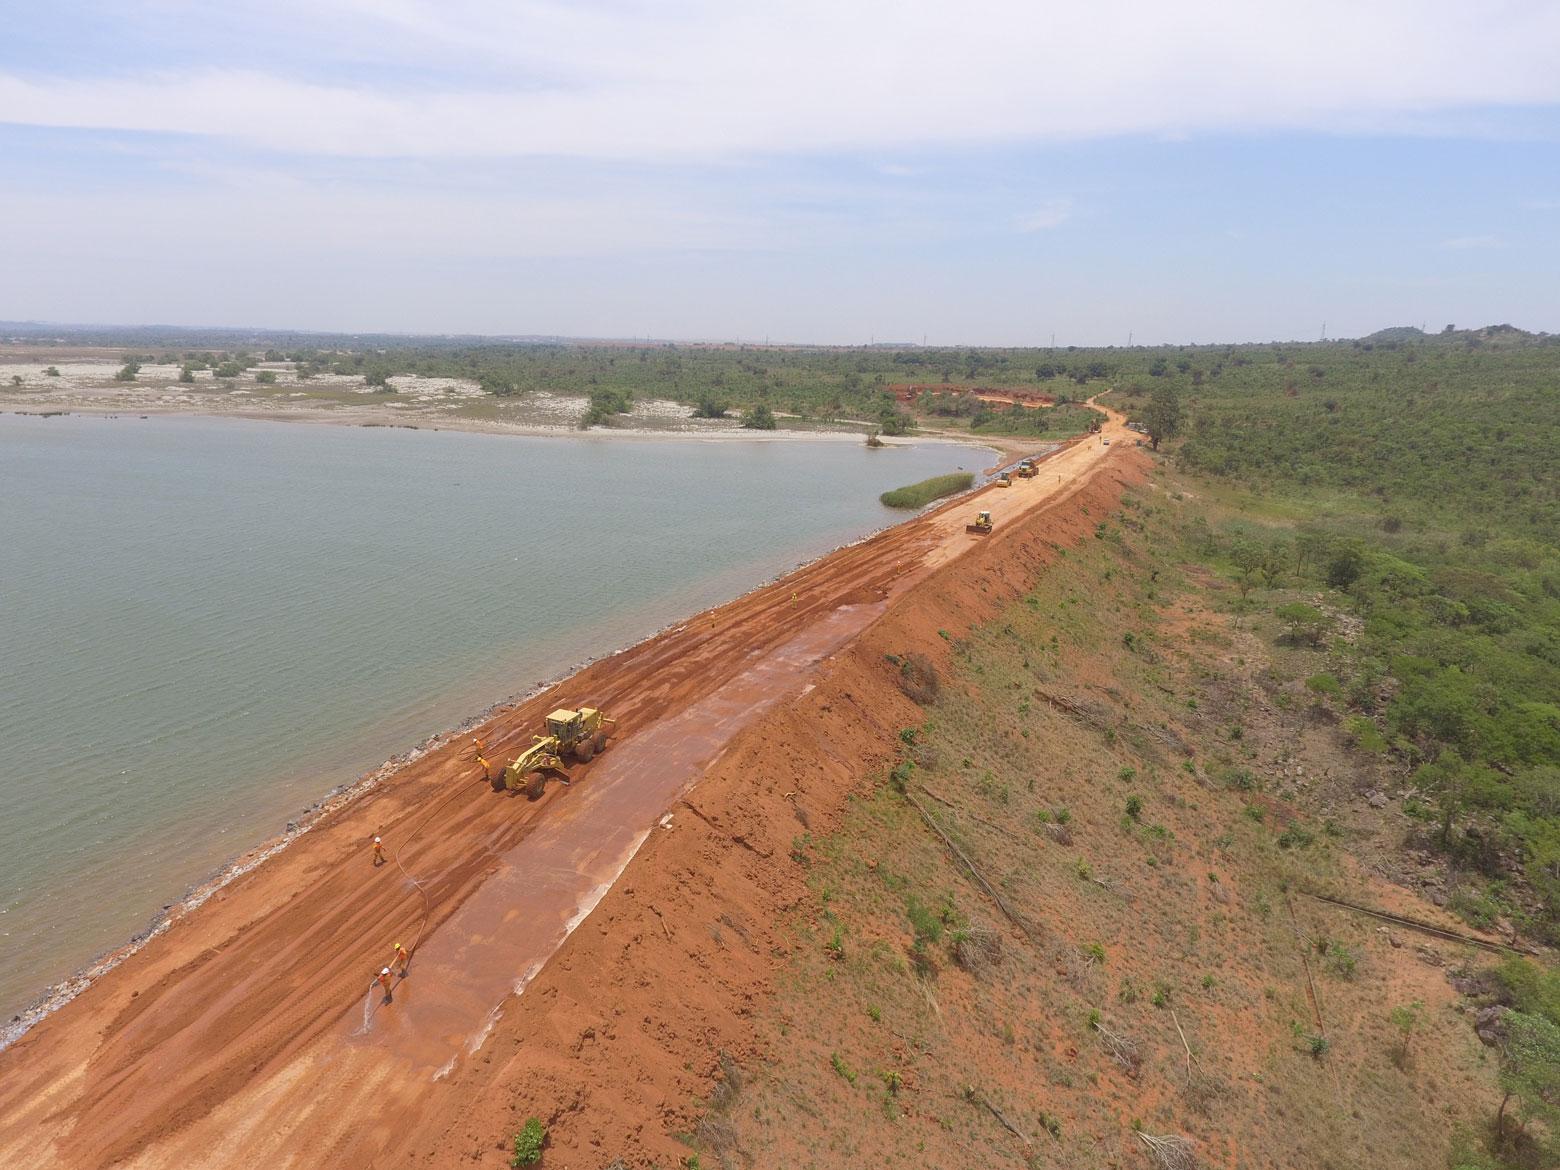 Renforcement d'une digue dans la Province du Lualaba, RDC